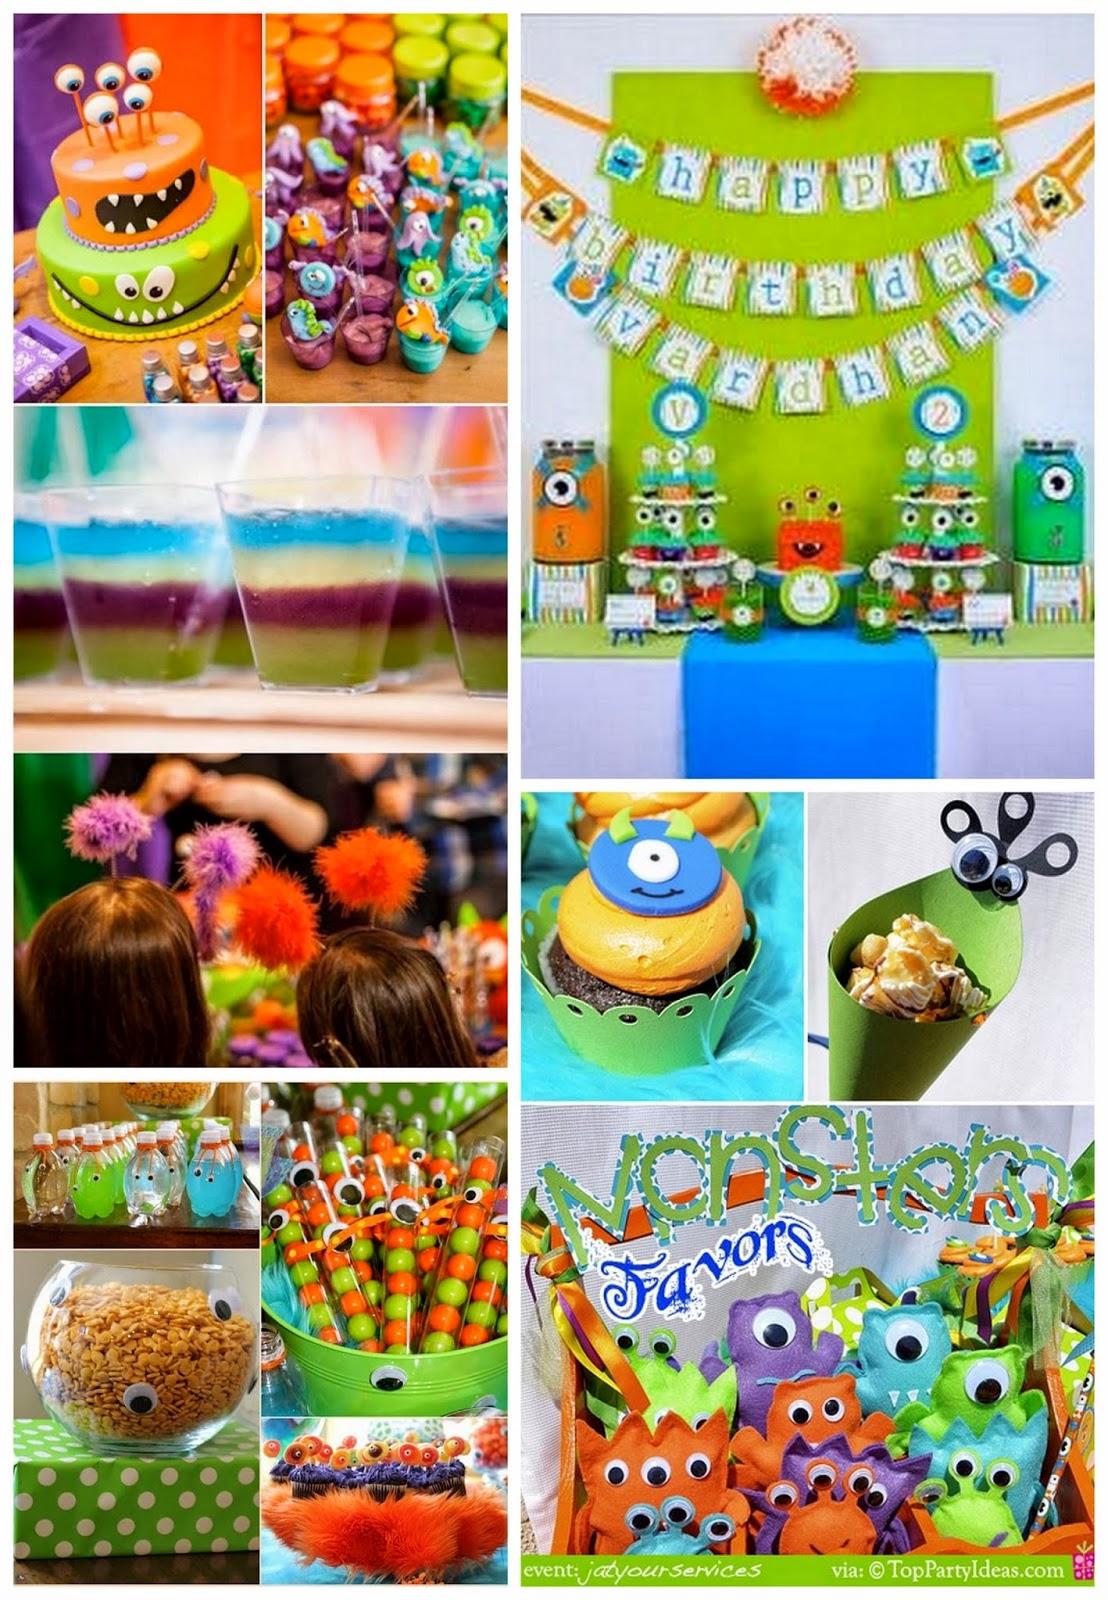 festa_decoracao_monstros